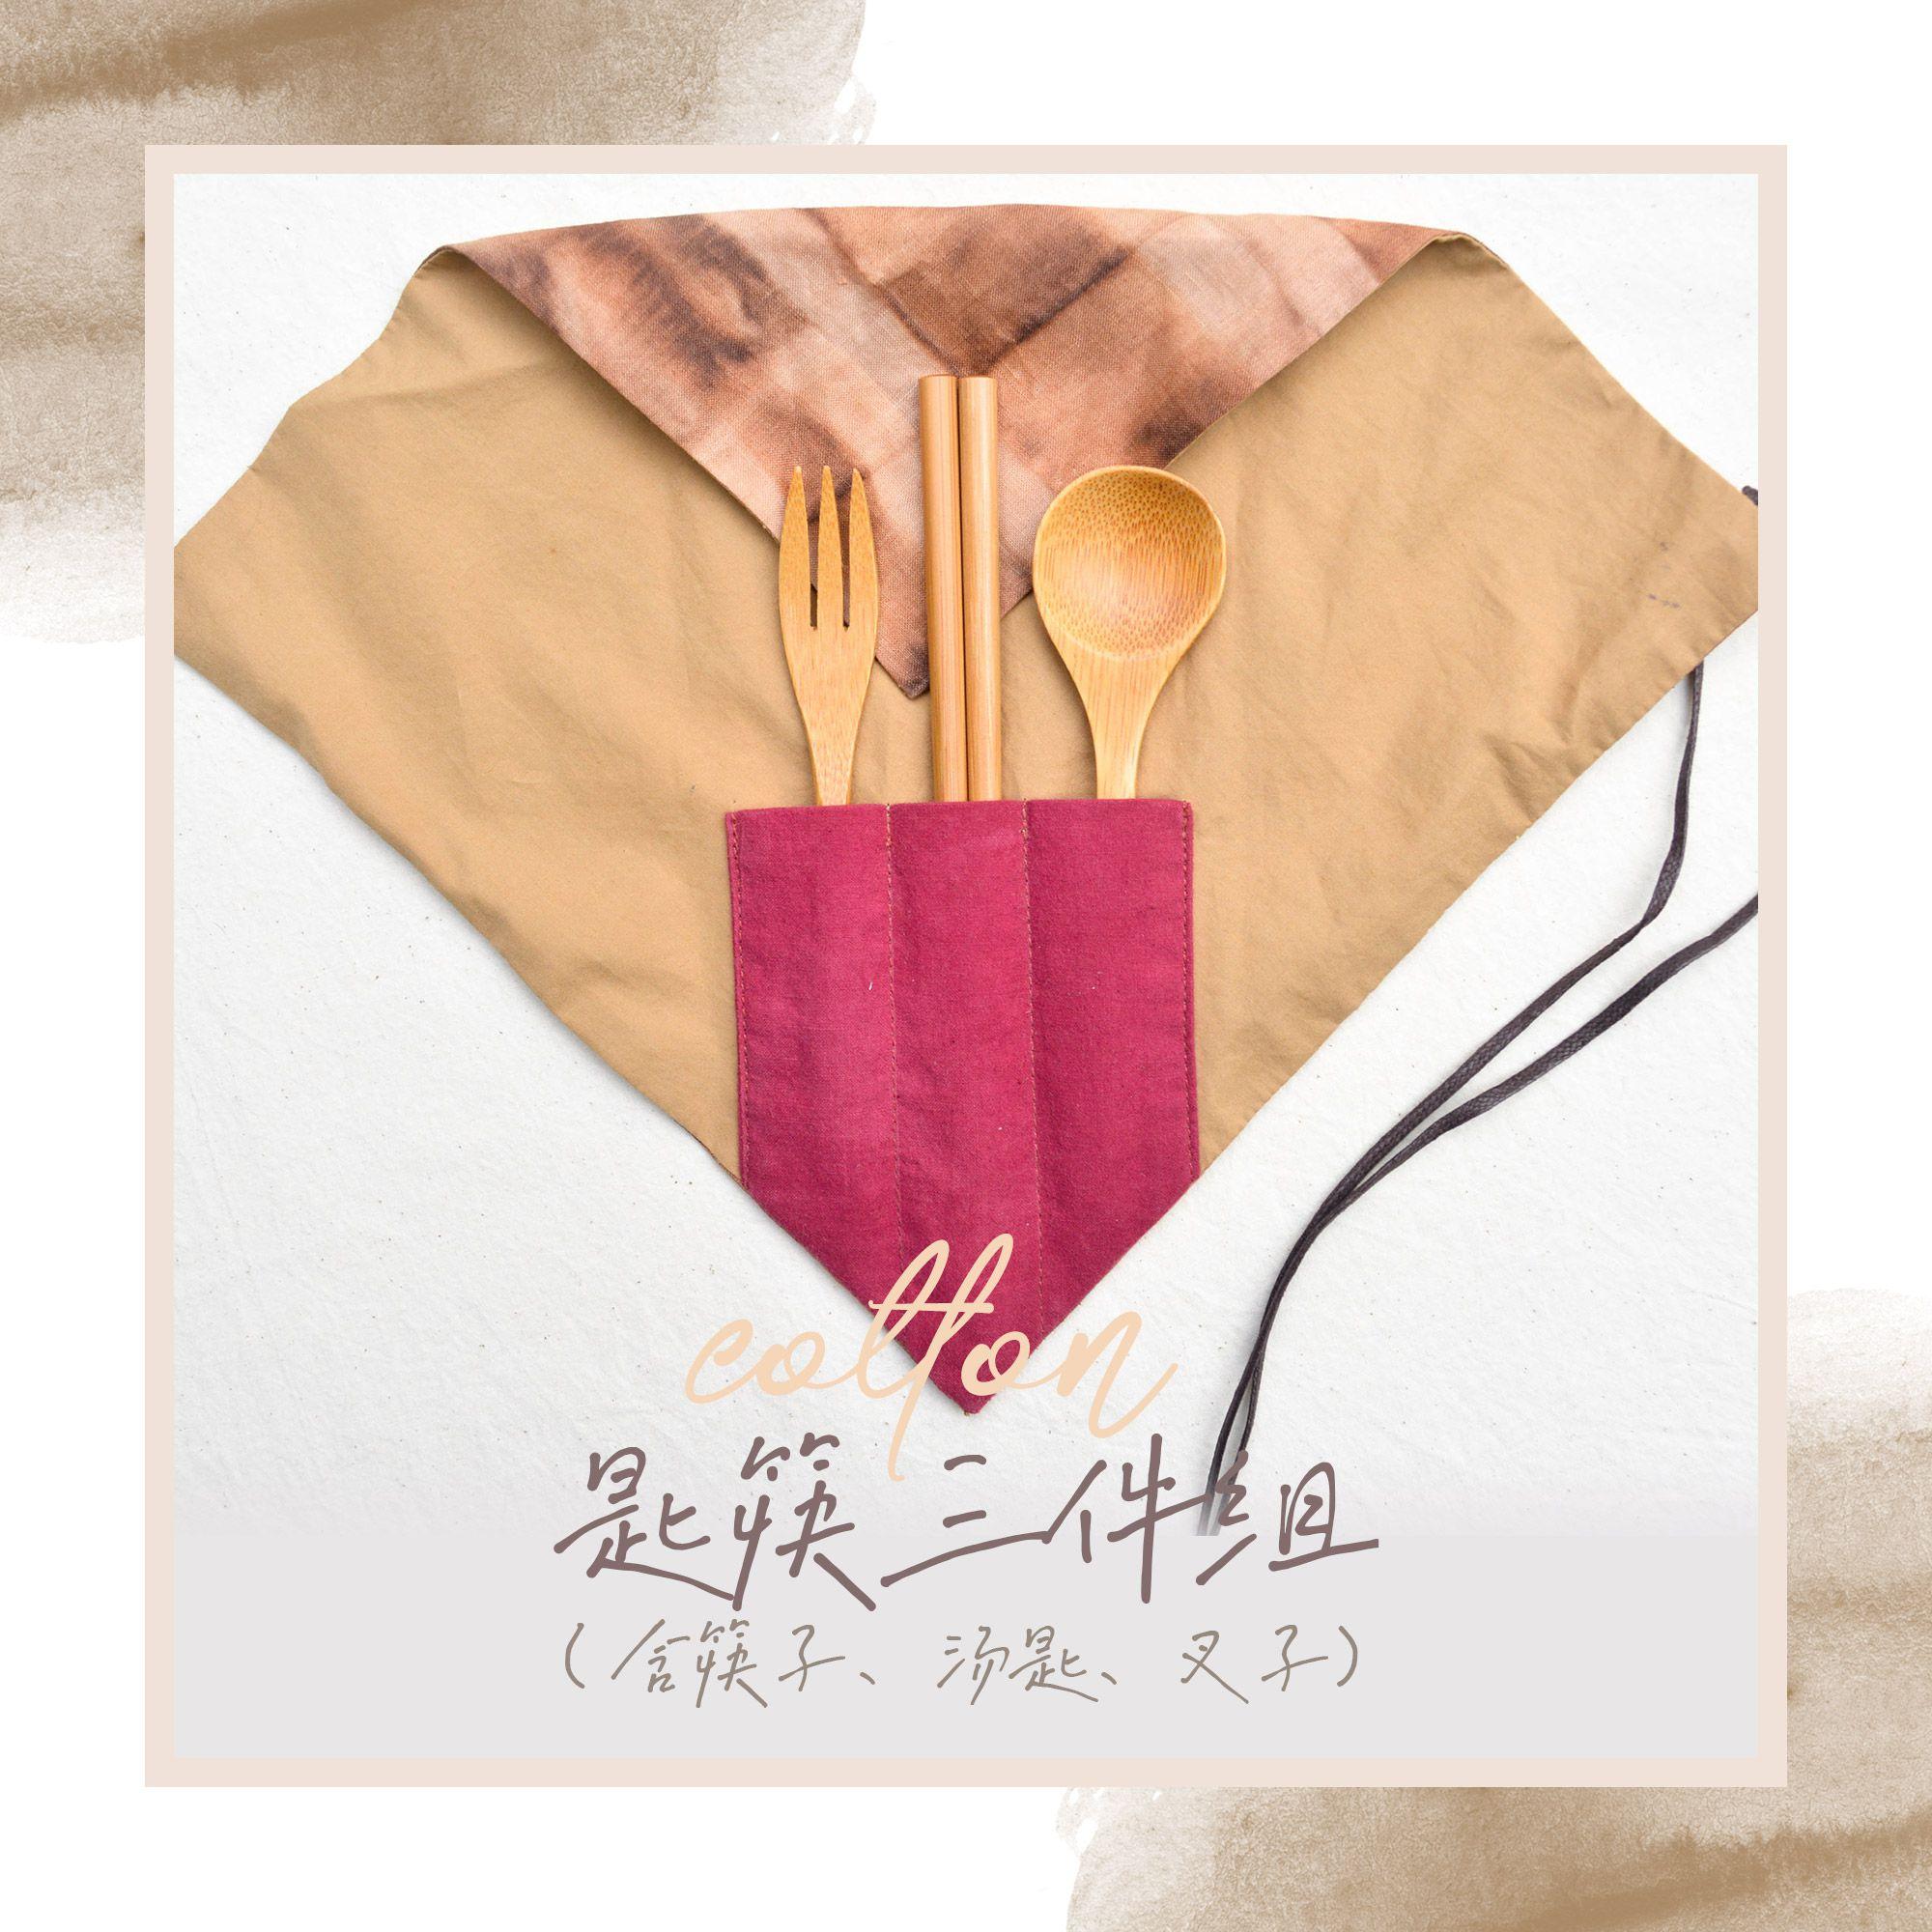 【新埔柿染坊】 匙筷三件組( 含筷子、湯匙、叉子)